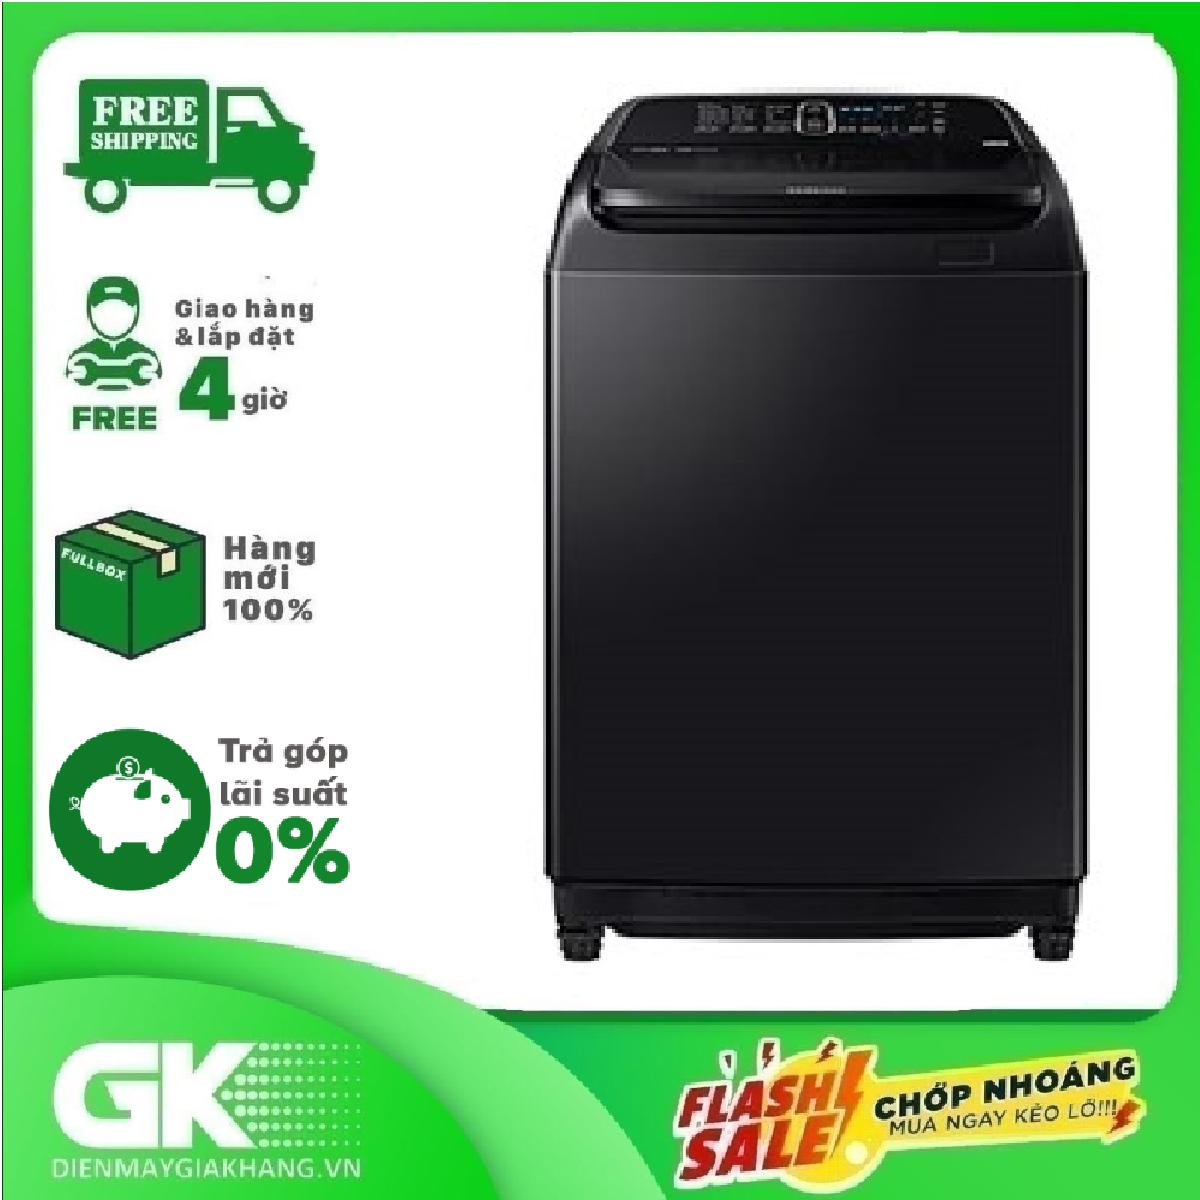 TRẢ GÓP 0% - Máy giặt Samsung Inverter 16 kg WA16R6380BV/SV- Bảo hành 2 năm